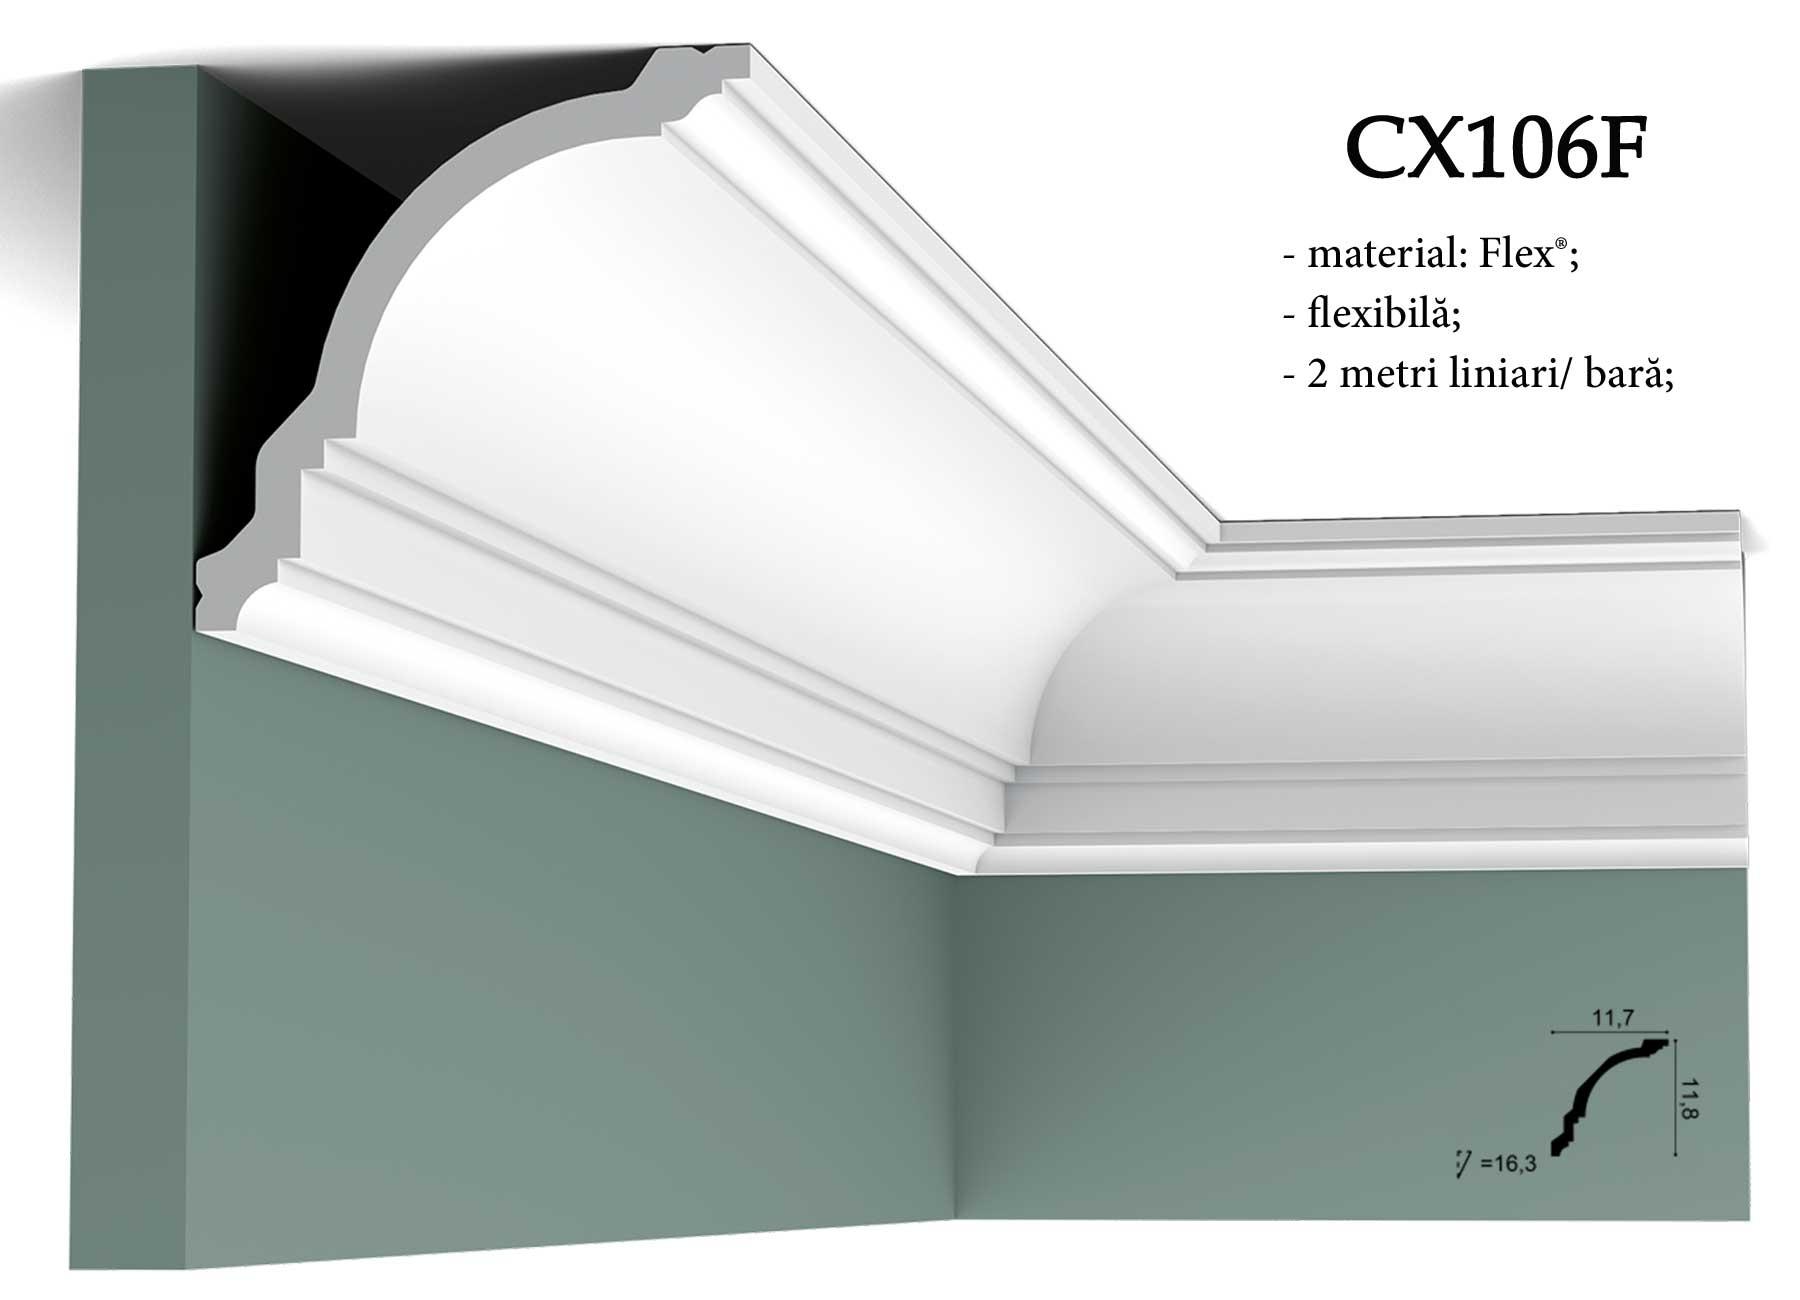 CX106F cornisa flexibila decorativa pentru tavan Orac Decor.